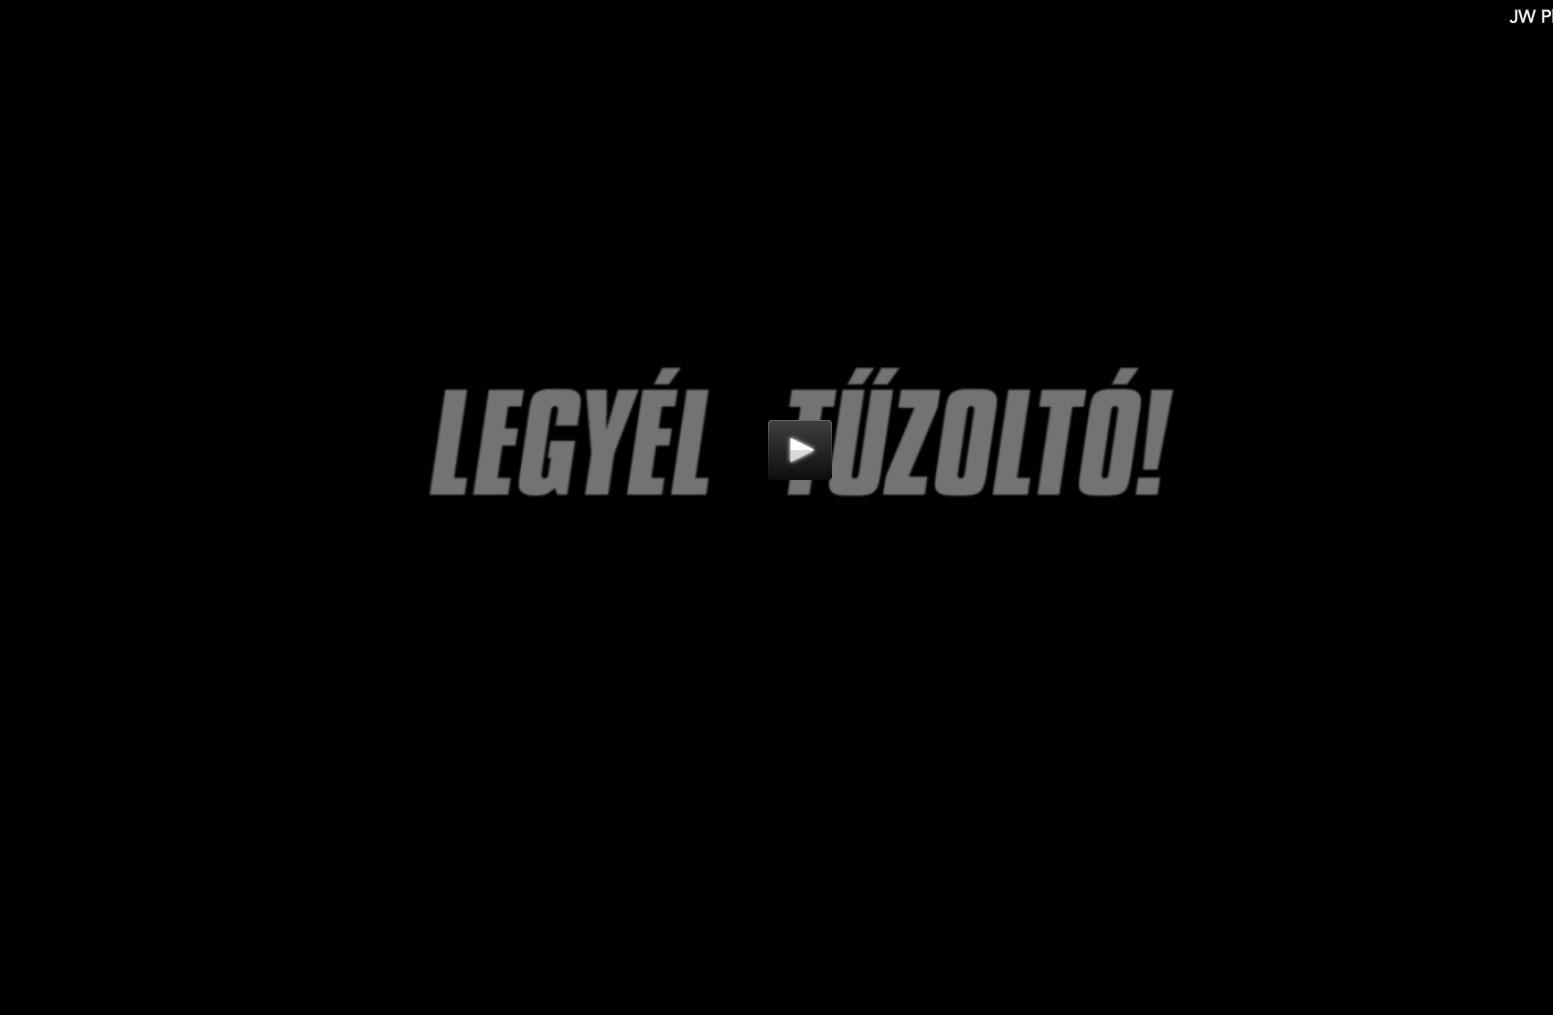 Toborzófilm 1 című videó előképe